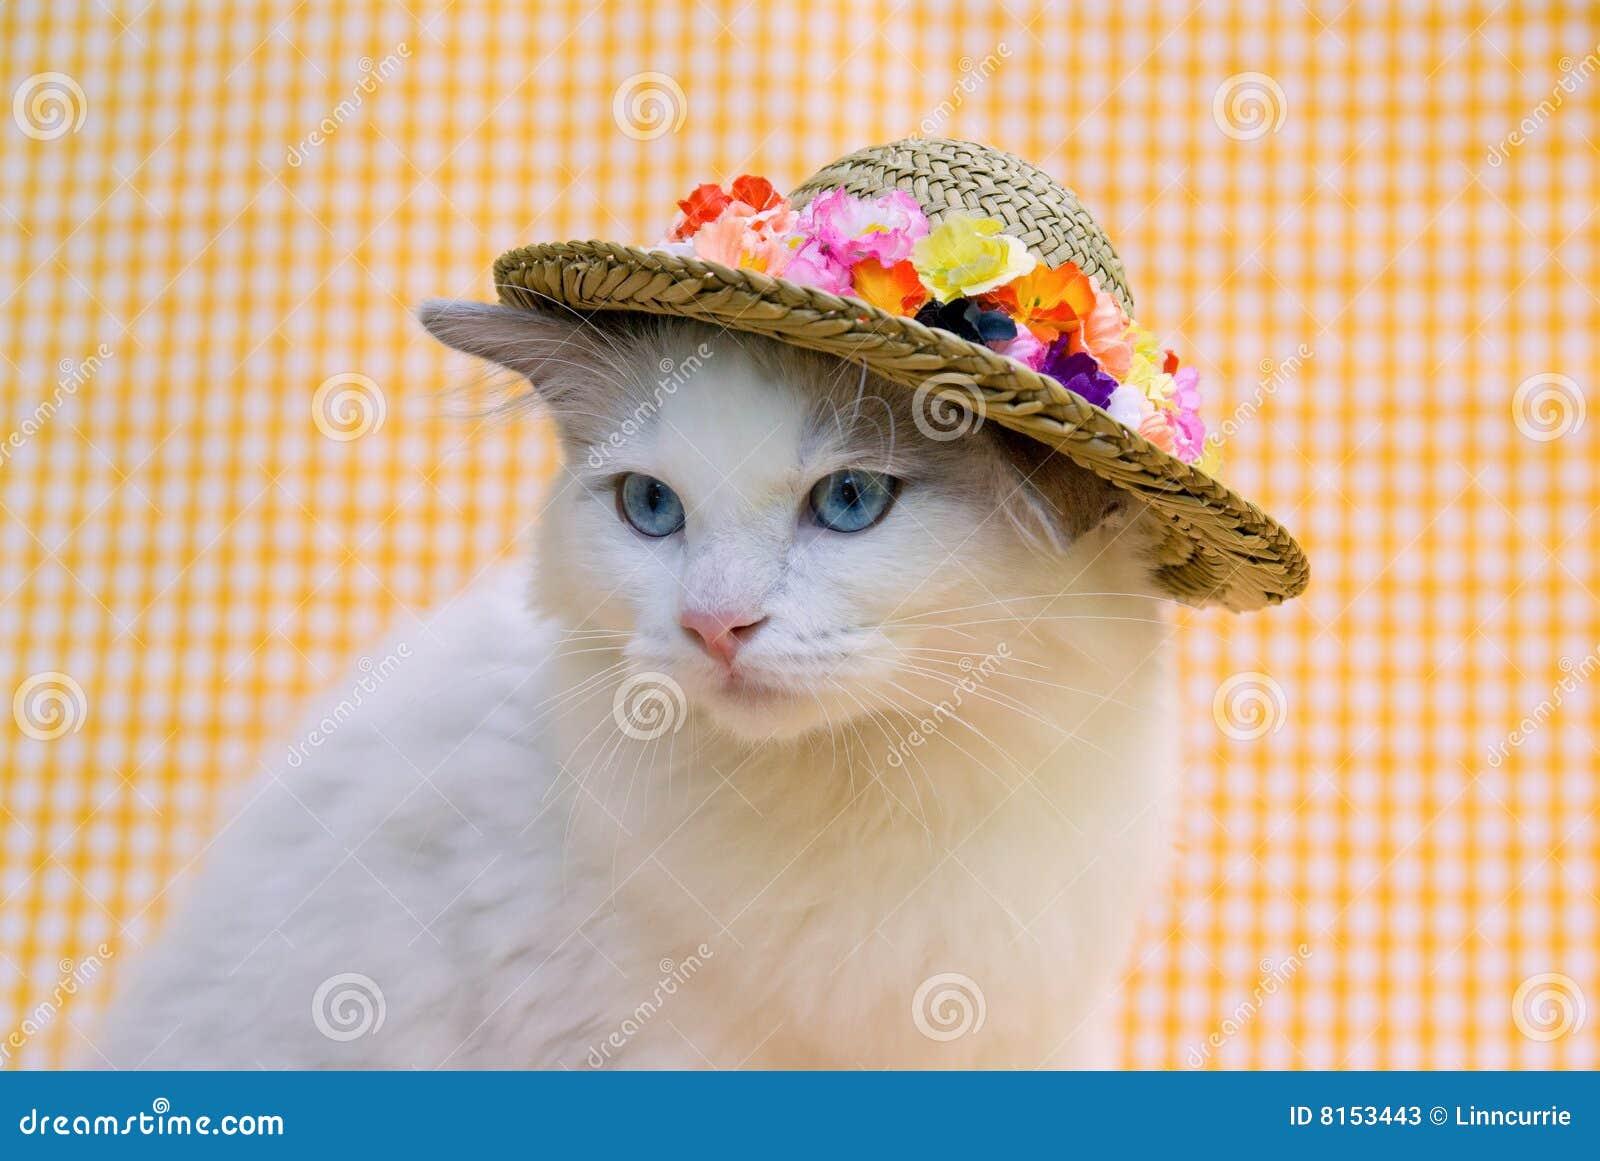 Lujo Gato En El Marco De Imagen Sombrero Colección de Imágenes ...